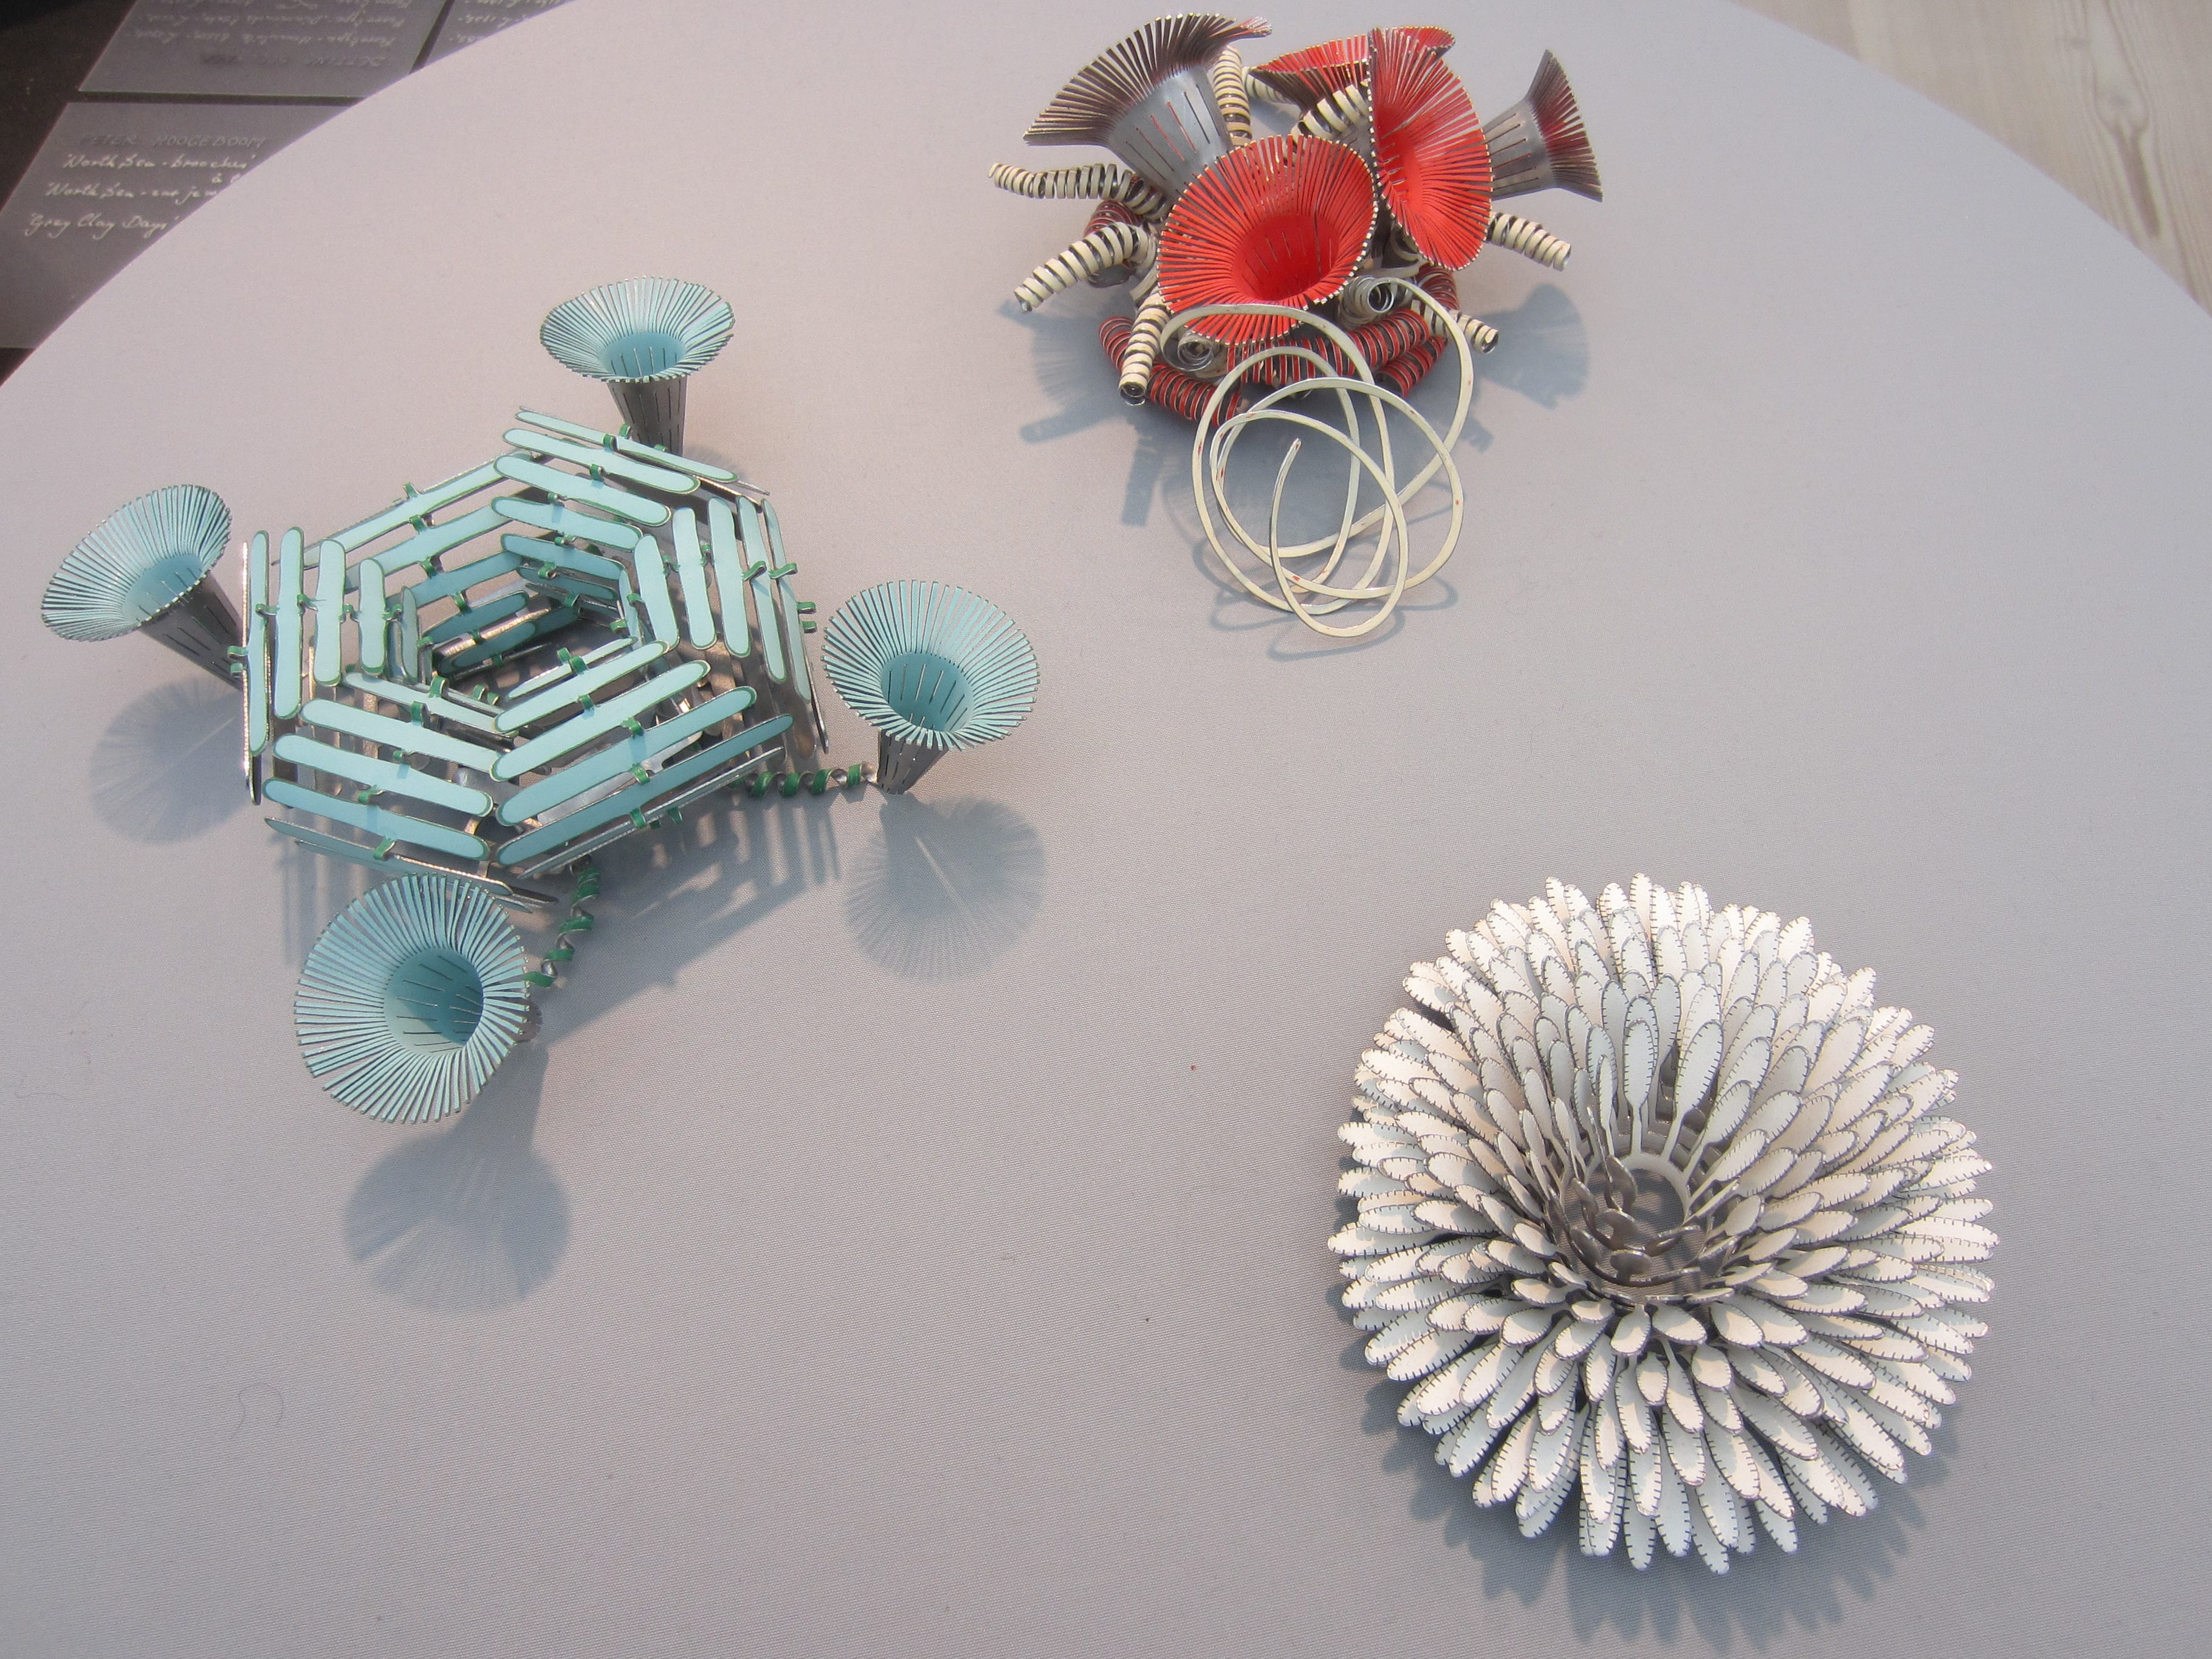 Mirjam Hiller, broches, gepresenteerd door Galerie Ra op de KunstRAI, 2013, metaal, coating